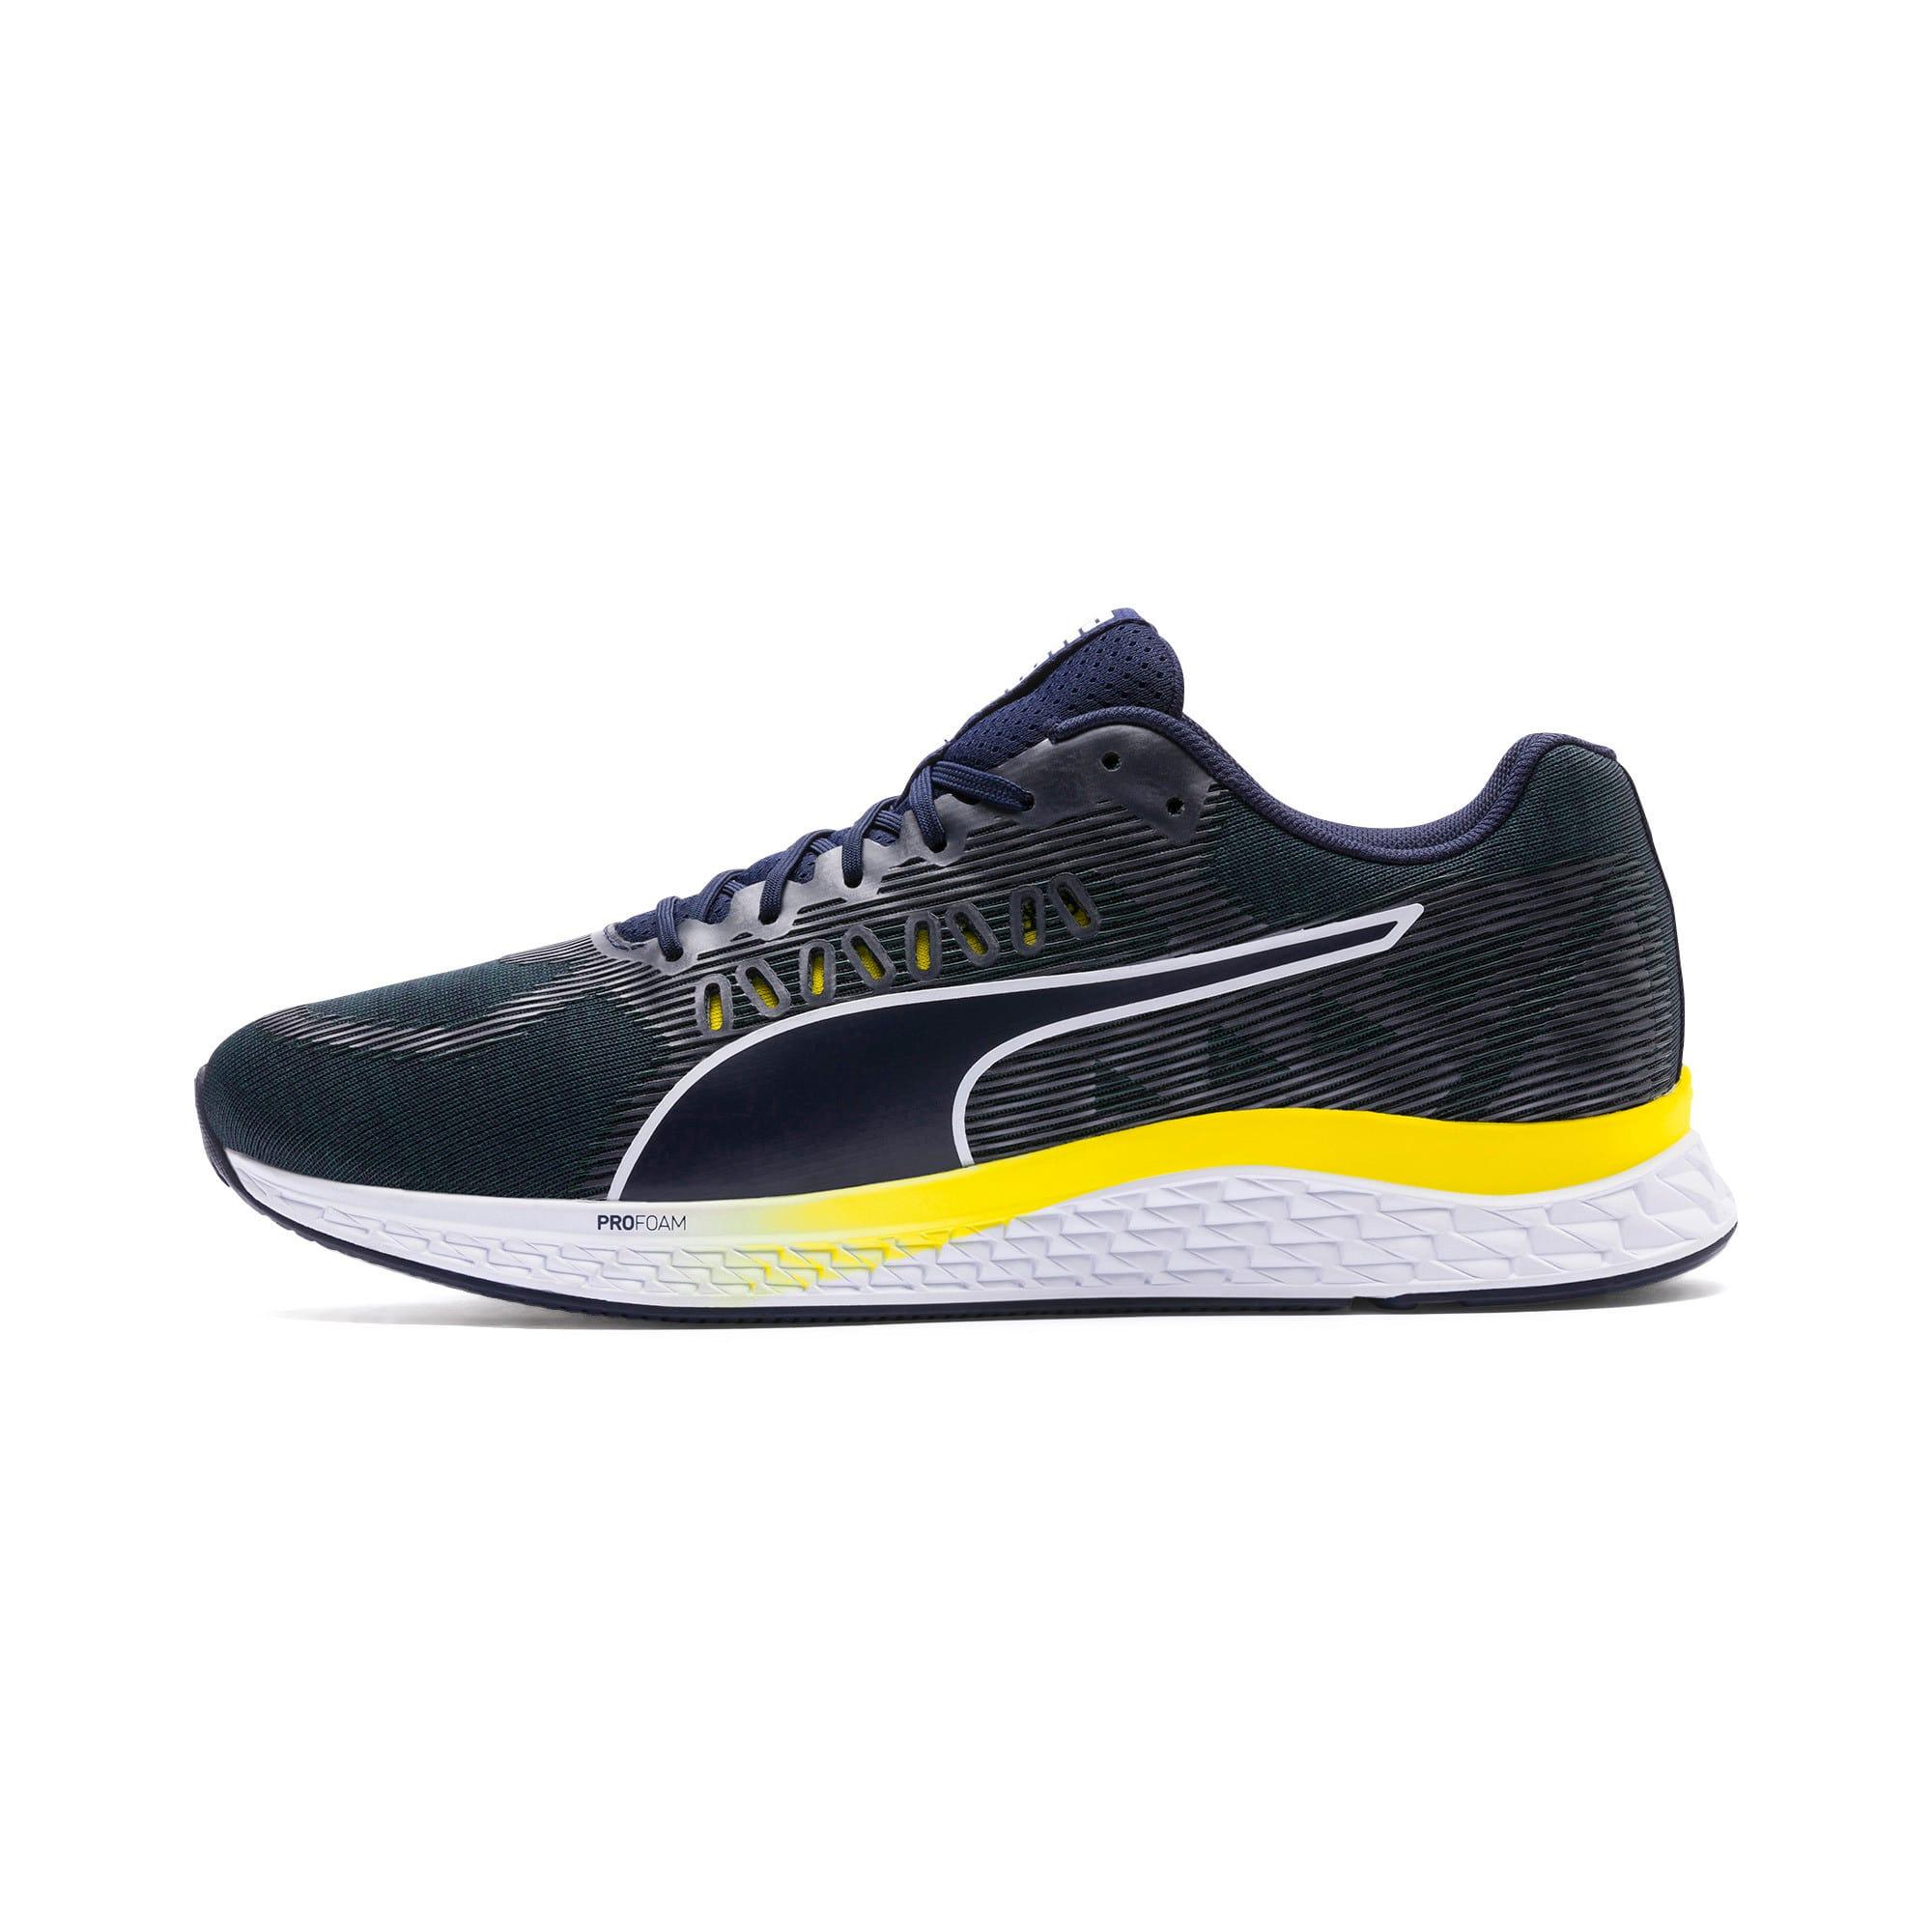 Thumbnail 1 of SPEED SUTAMINA Running Shoes, Peacoat-Blazing Yellow-White, medium